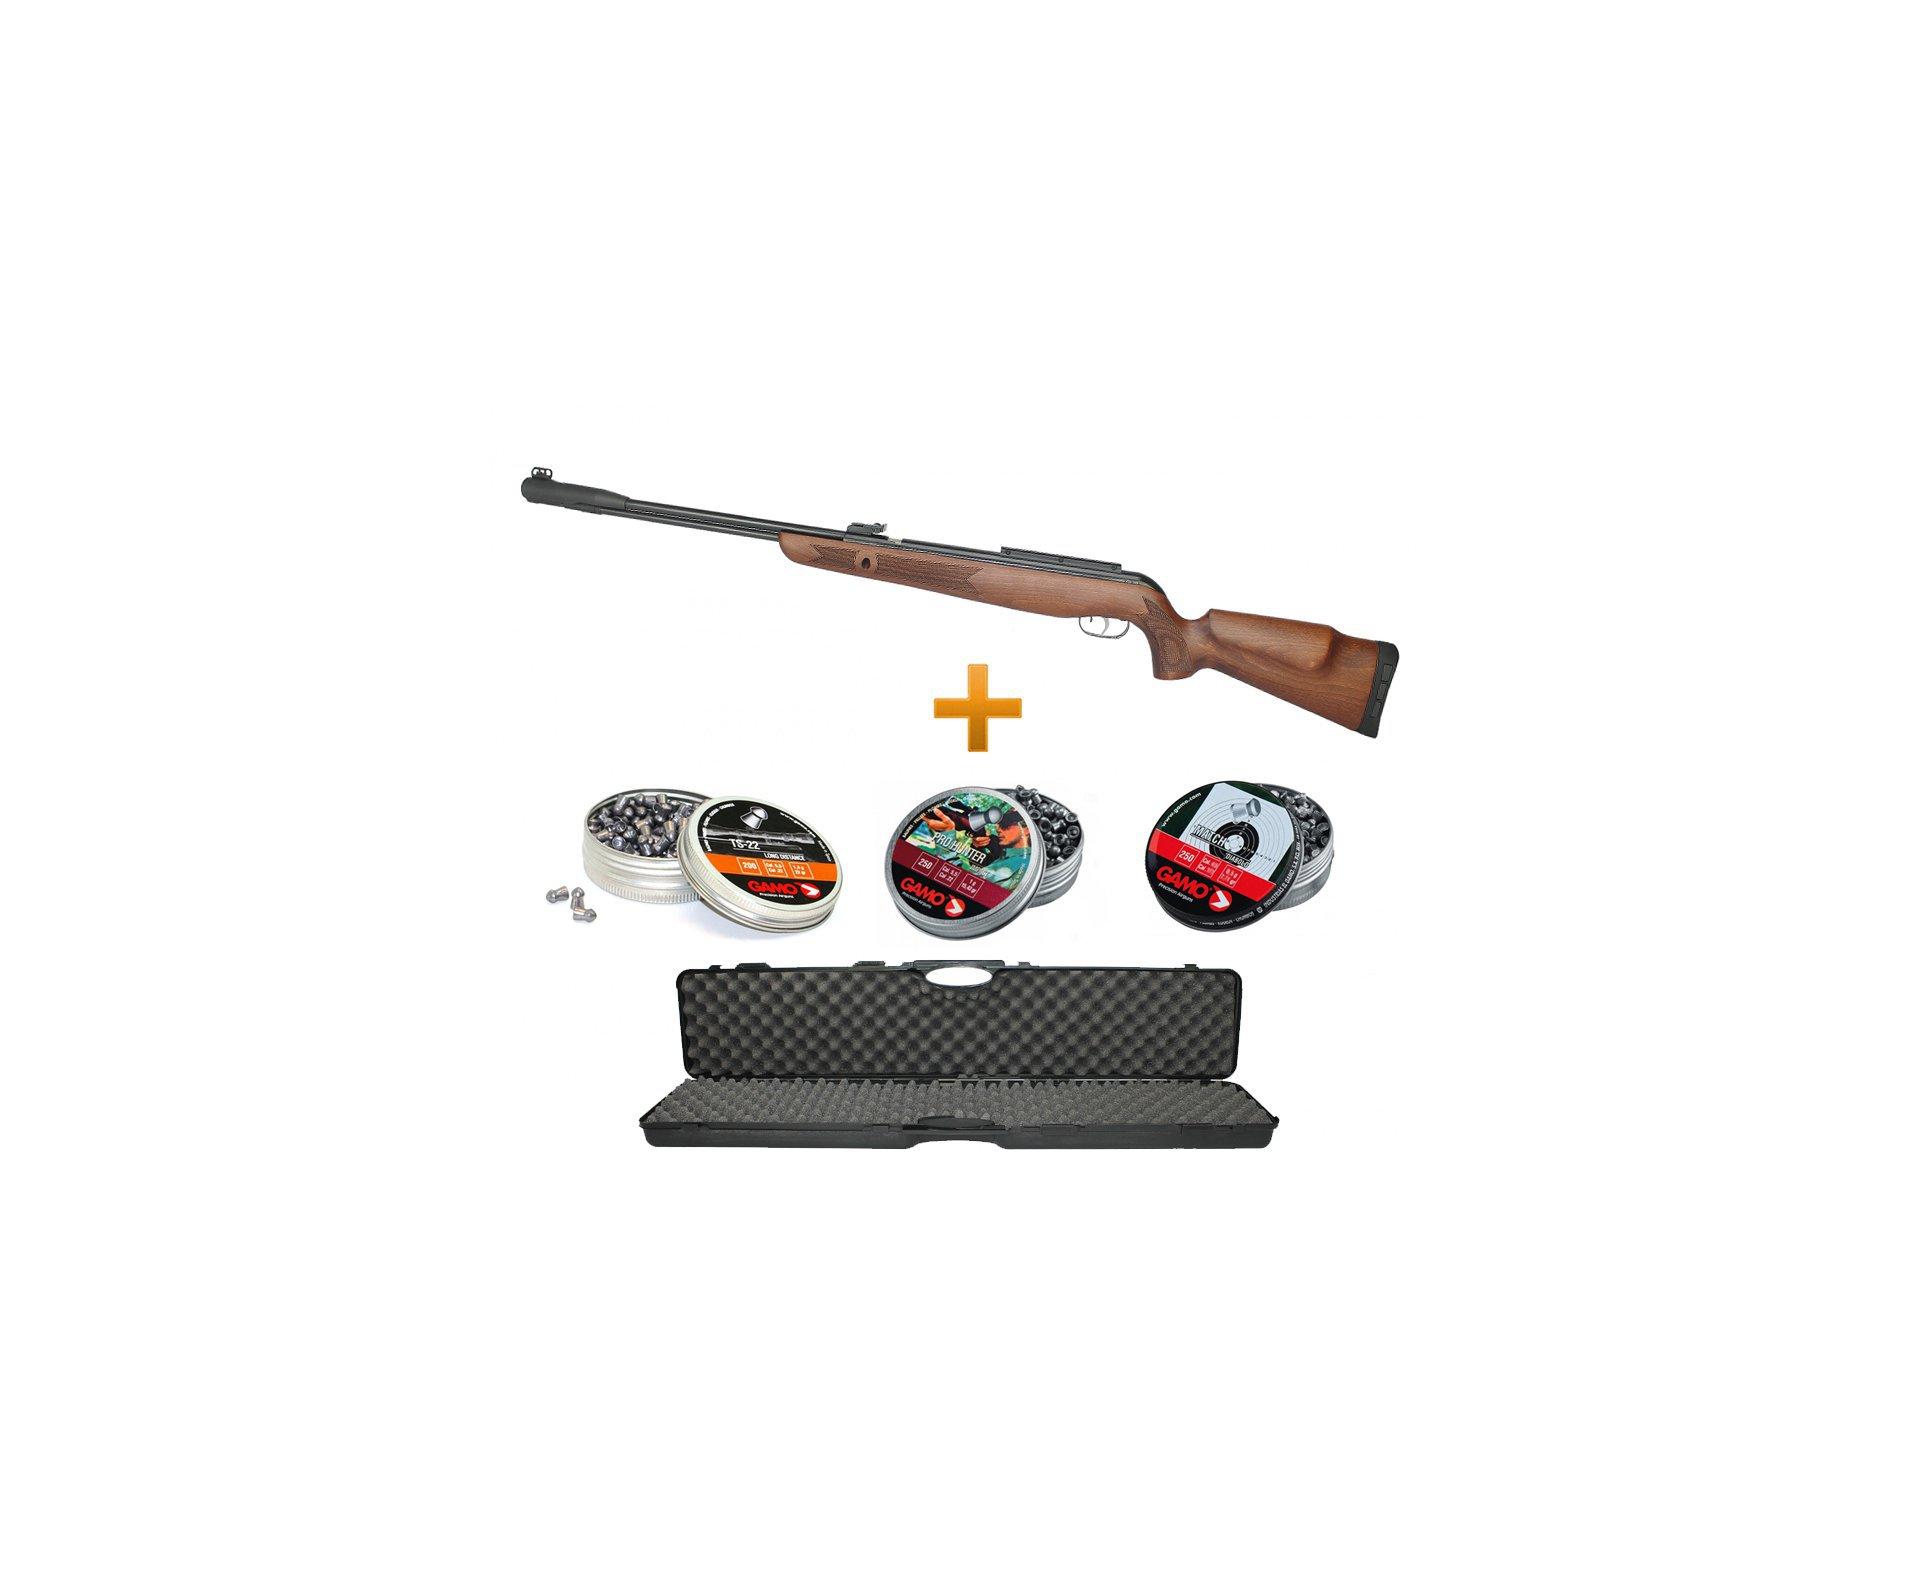 Carabina De Pressão Gamo Cfx Royal Madeira 5,5mm + Case Rigido + 03 Chumbinhos